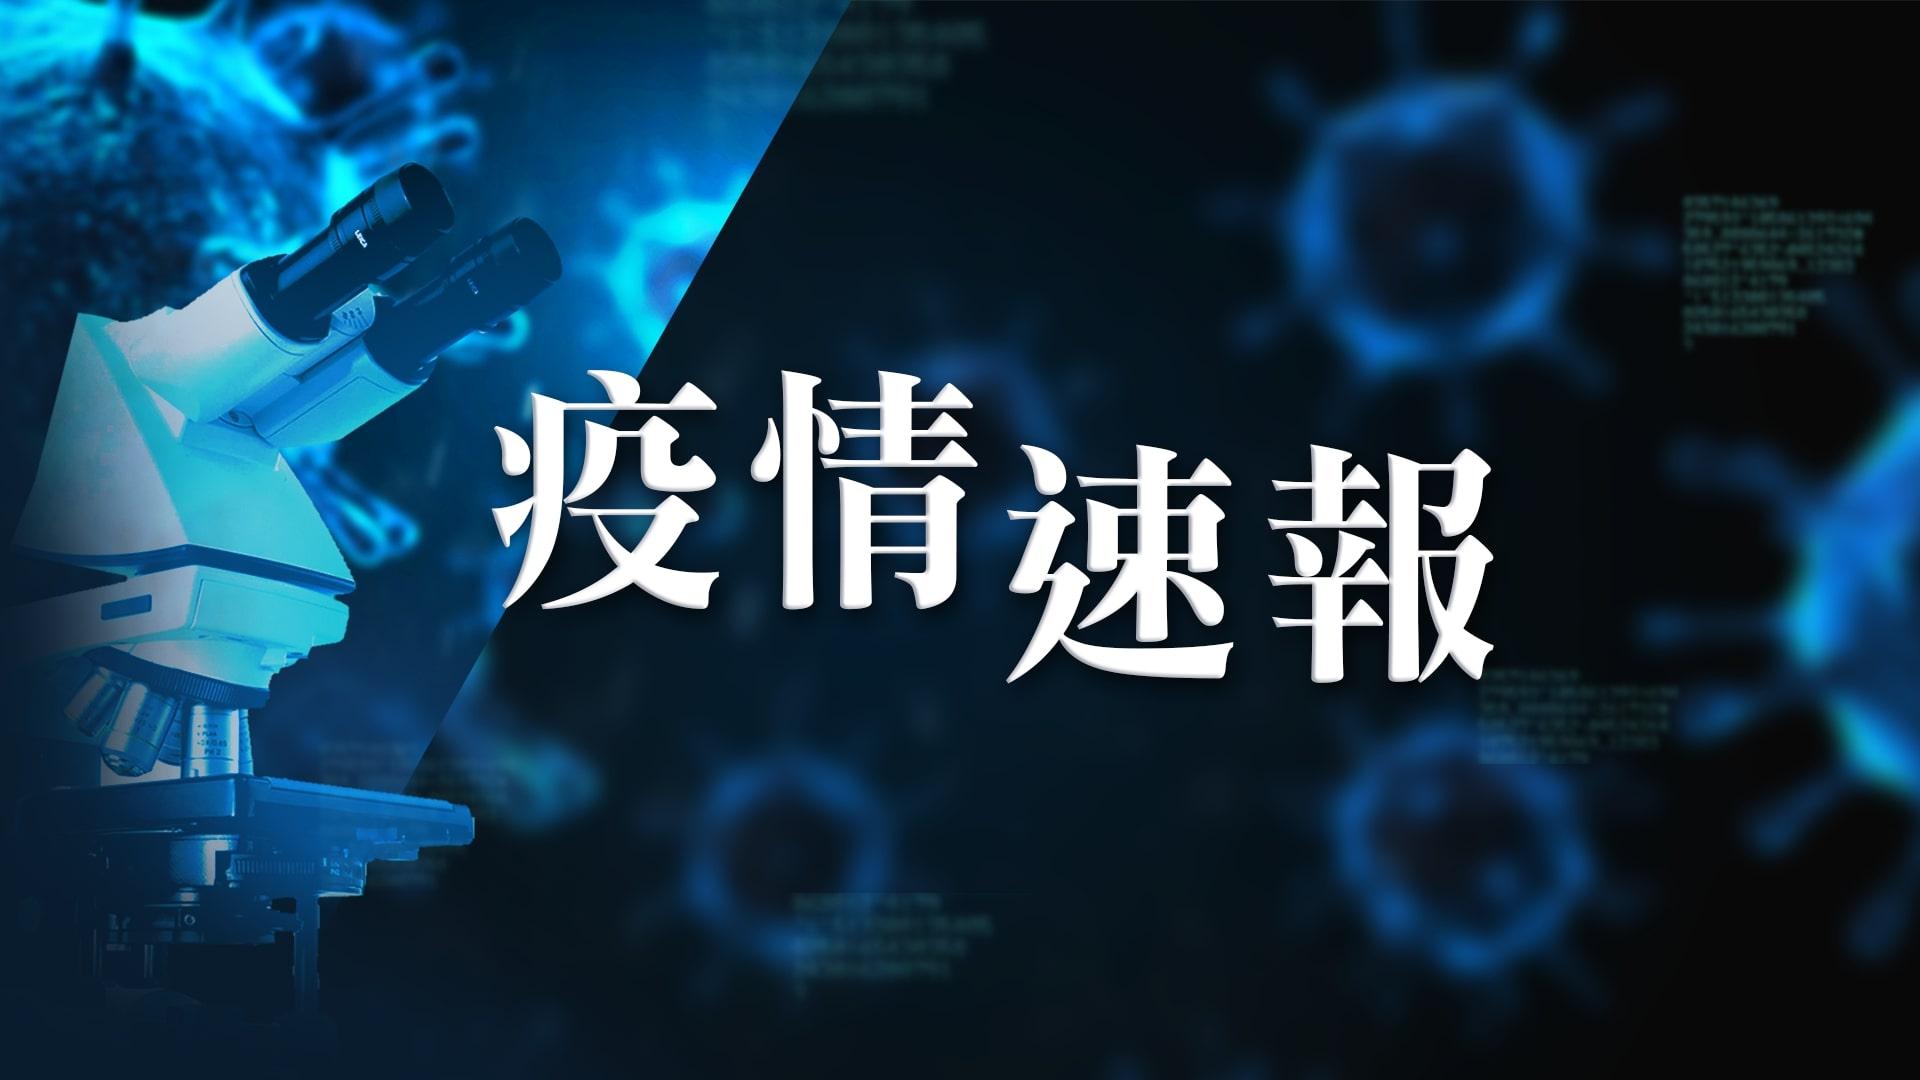 【11月16日疫情速報】(23:00)